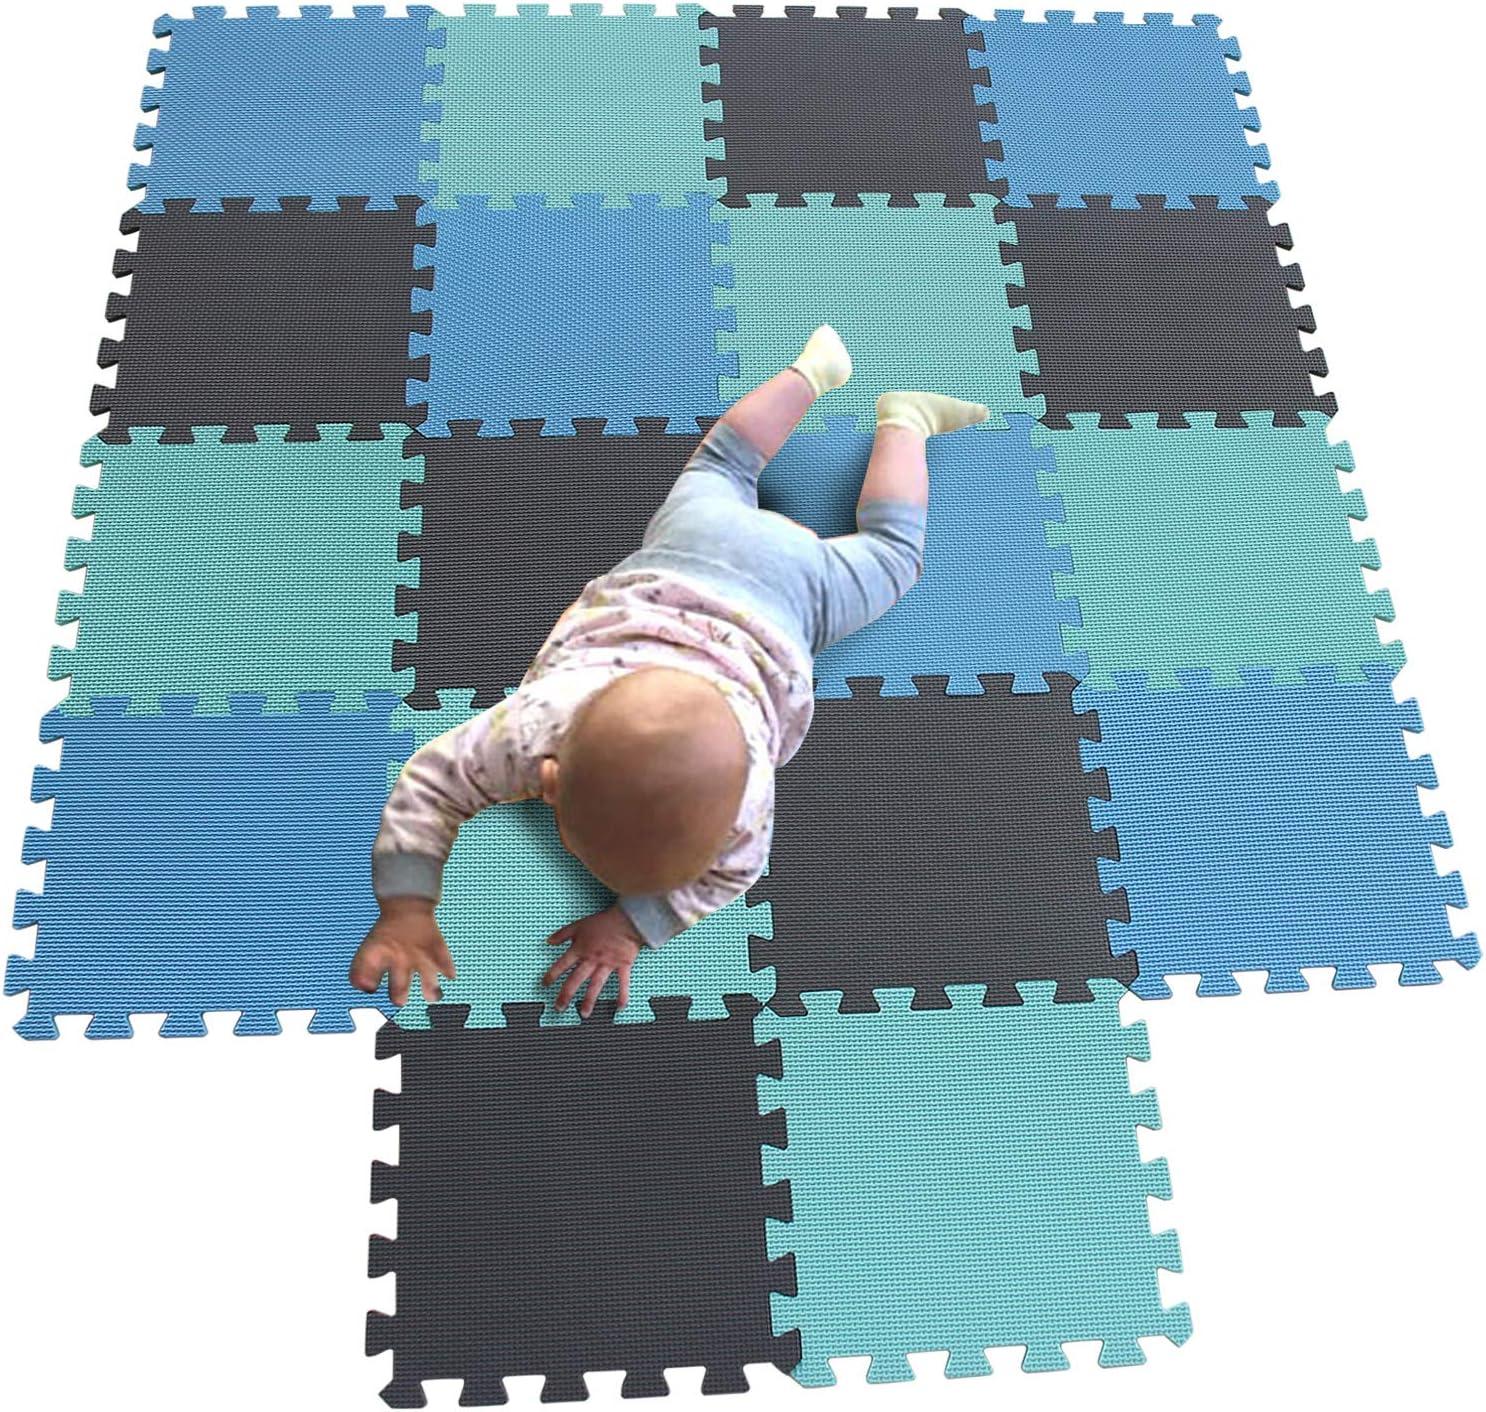 MQIAOHAM Esterilla Puzzle de Fitness-18 losas de EVA Espuma Alfombrilla Protección para el Suelo para máquinas Deporte y gimnasios sobre el Piso Fácil de Limpiar Azul Verde Gris 107108112